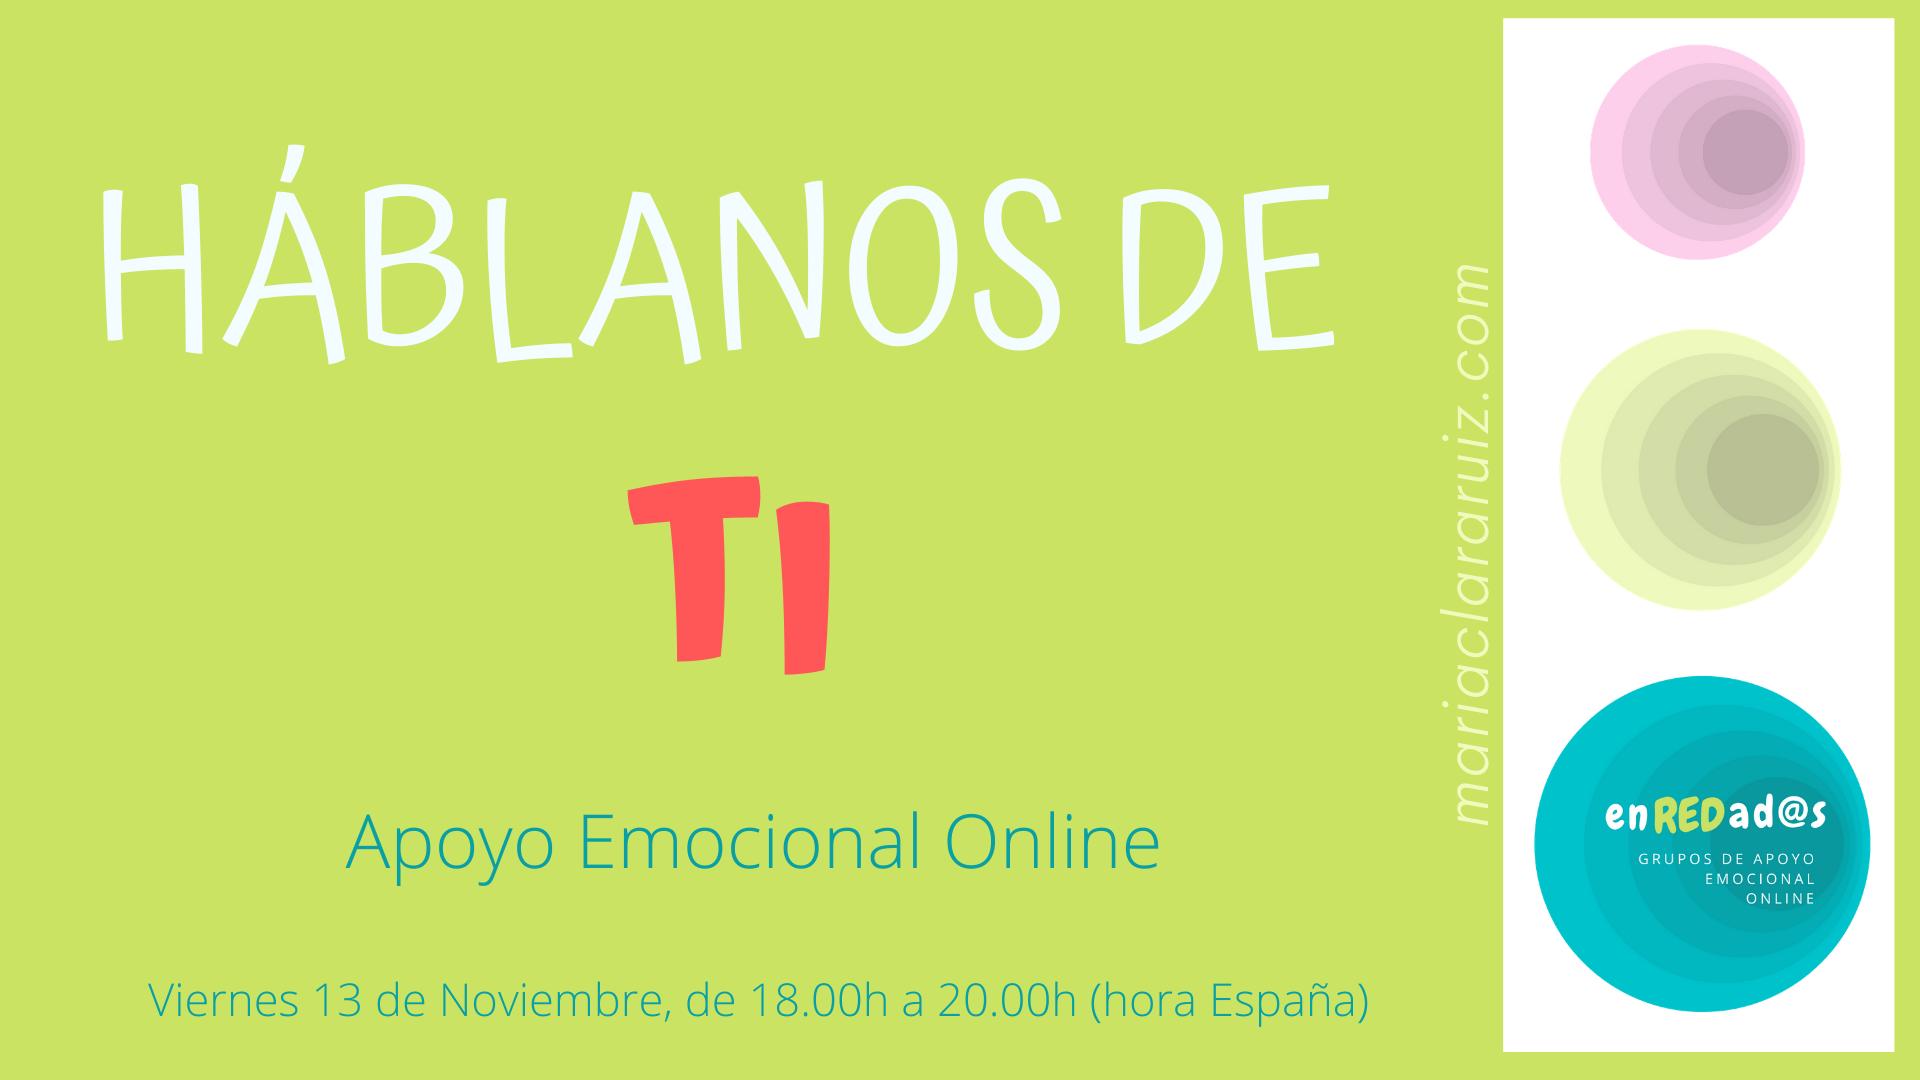 apoyo-emocional-online-denia